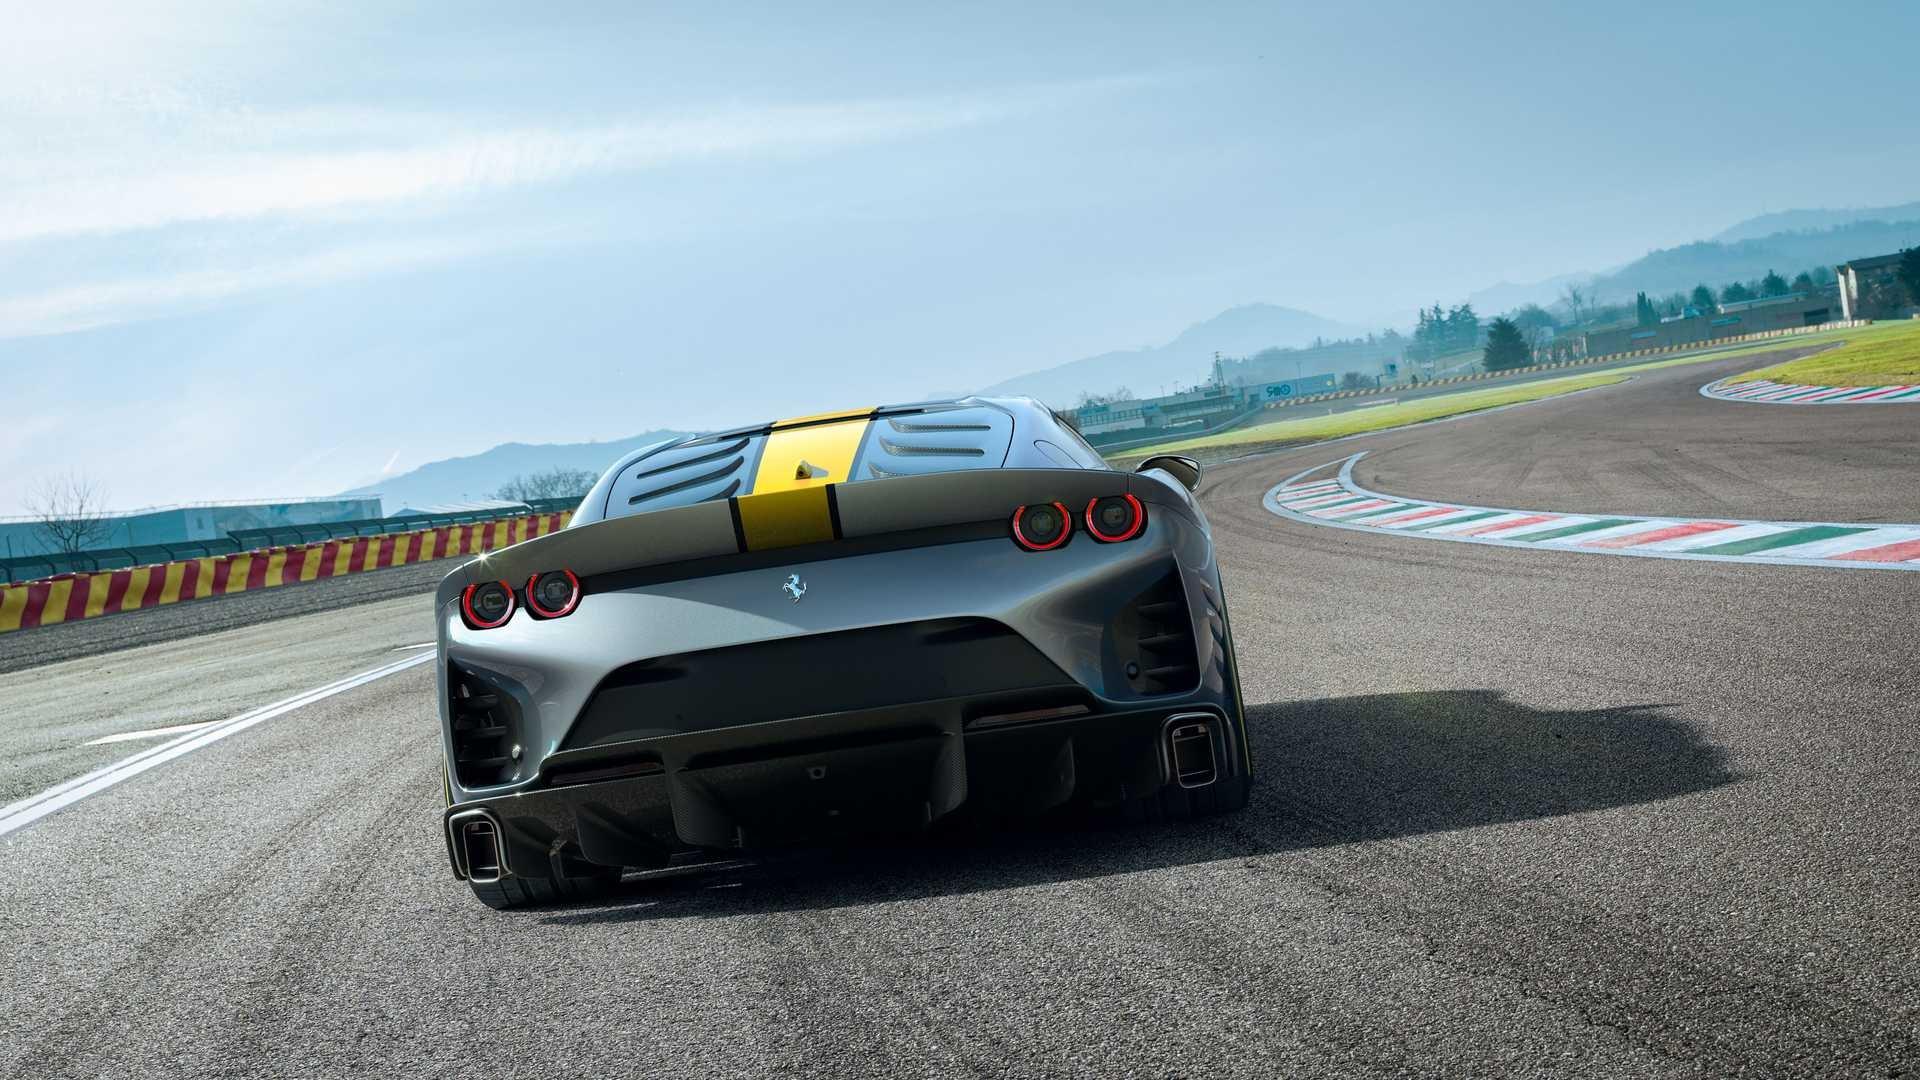 Ferrari представила свой самый мощный дорожный суперкар  3